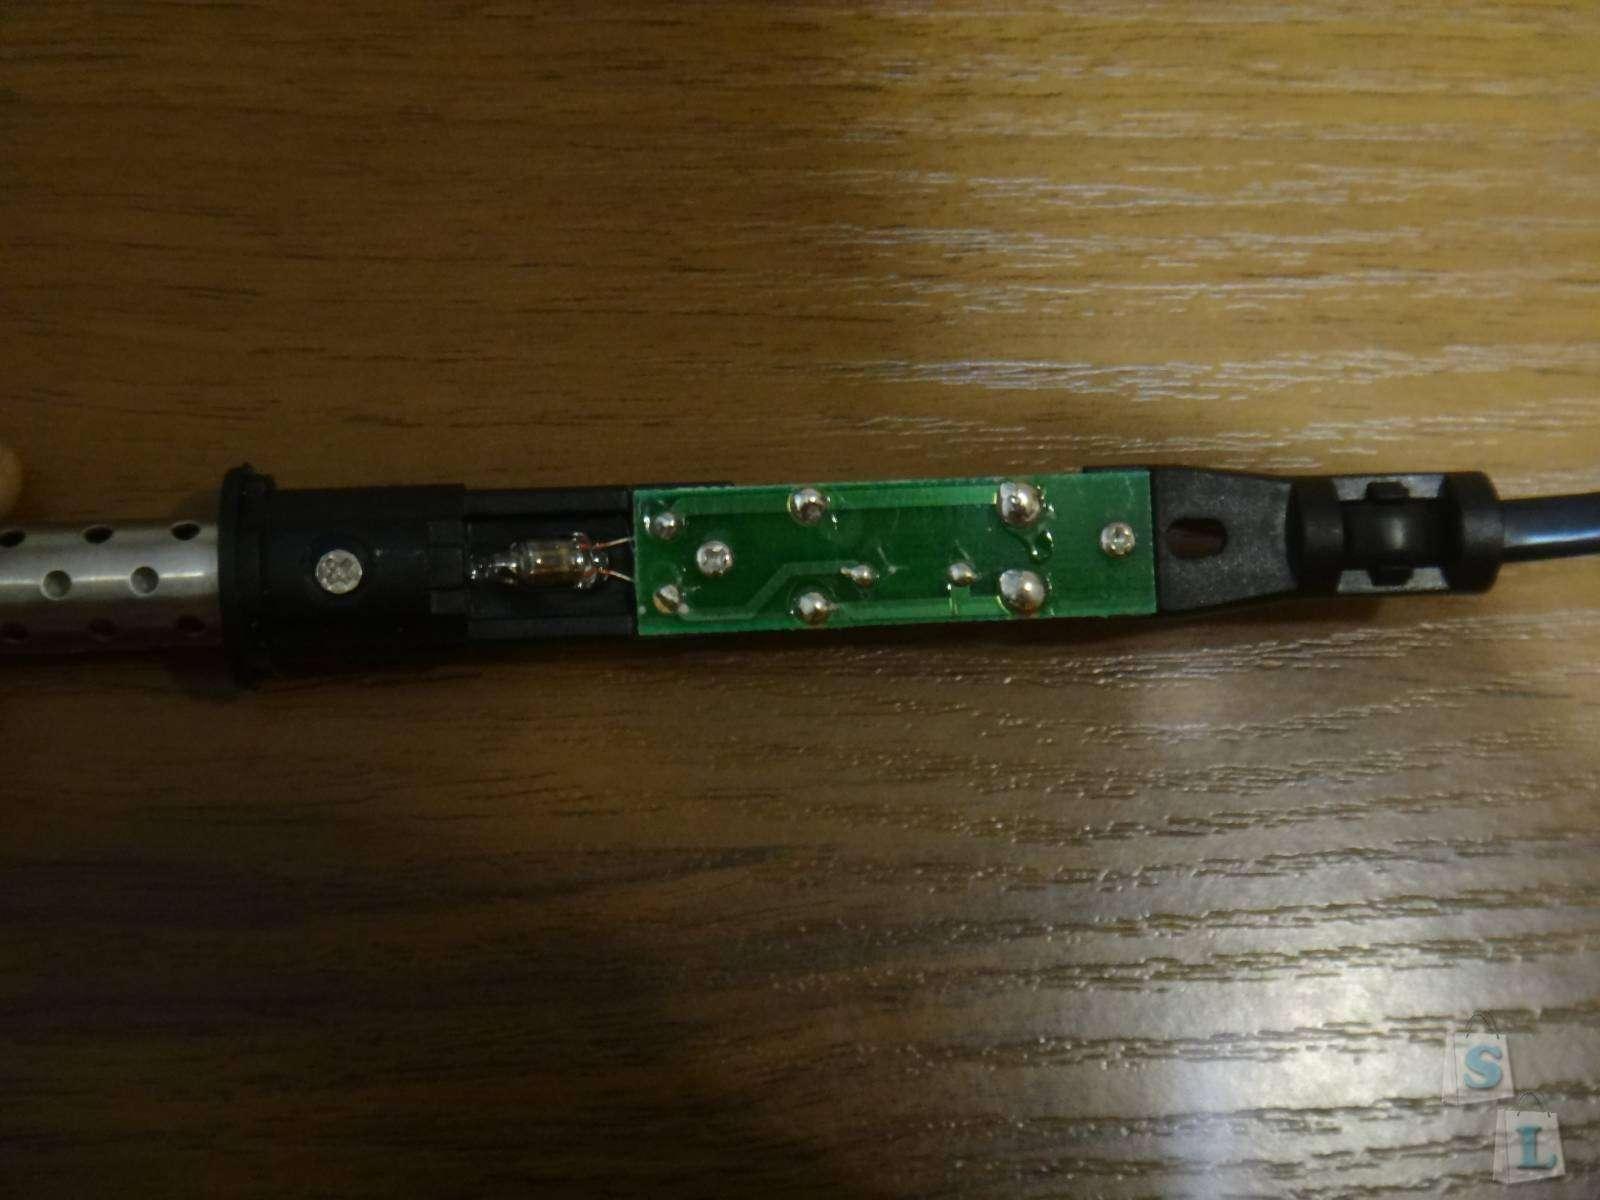 GearBest: Качественный 40W паяльник GADJIE с керамическим нагревательным элементом и индикацией